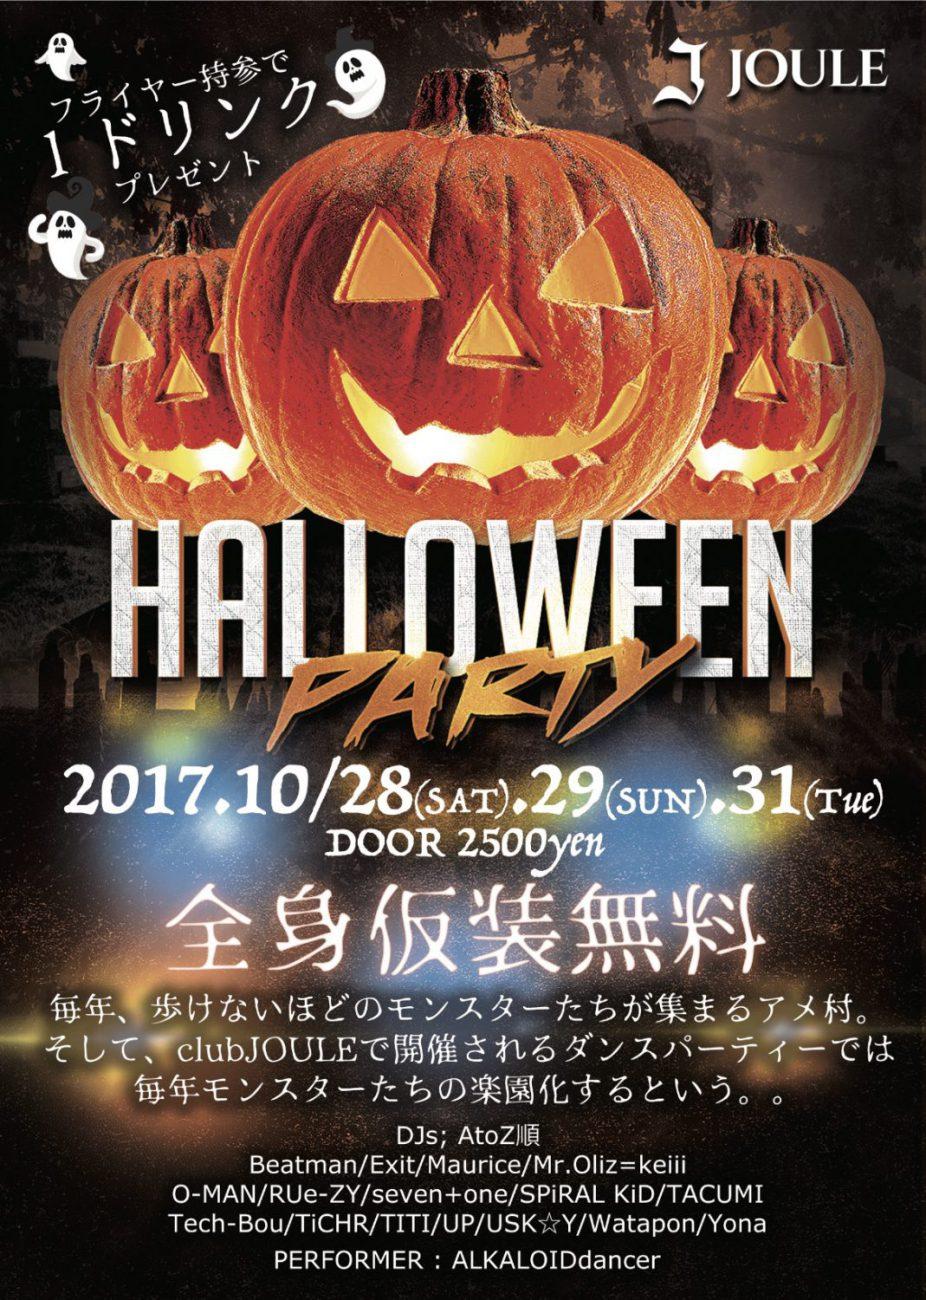 joule halloween party 大阪 クラブ ライブハウス レンタルホール